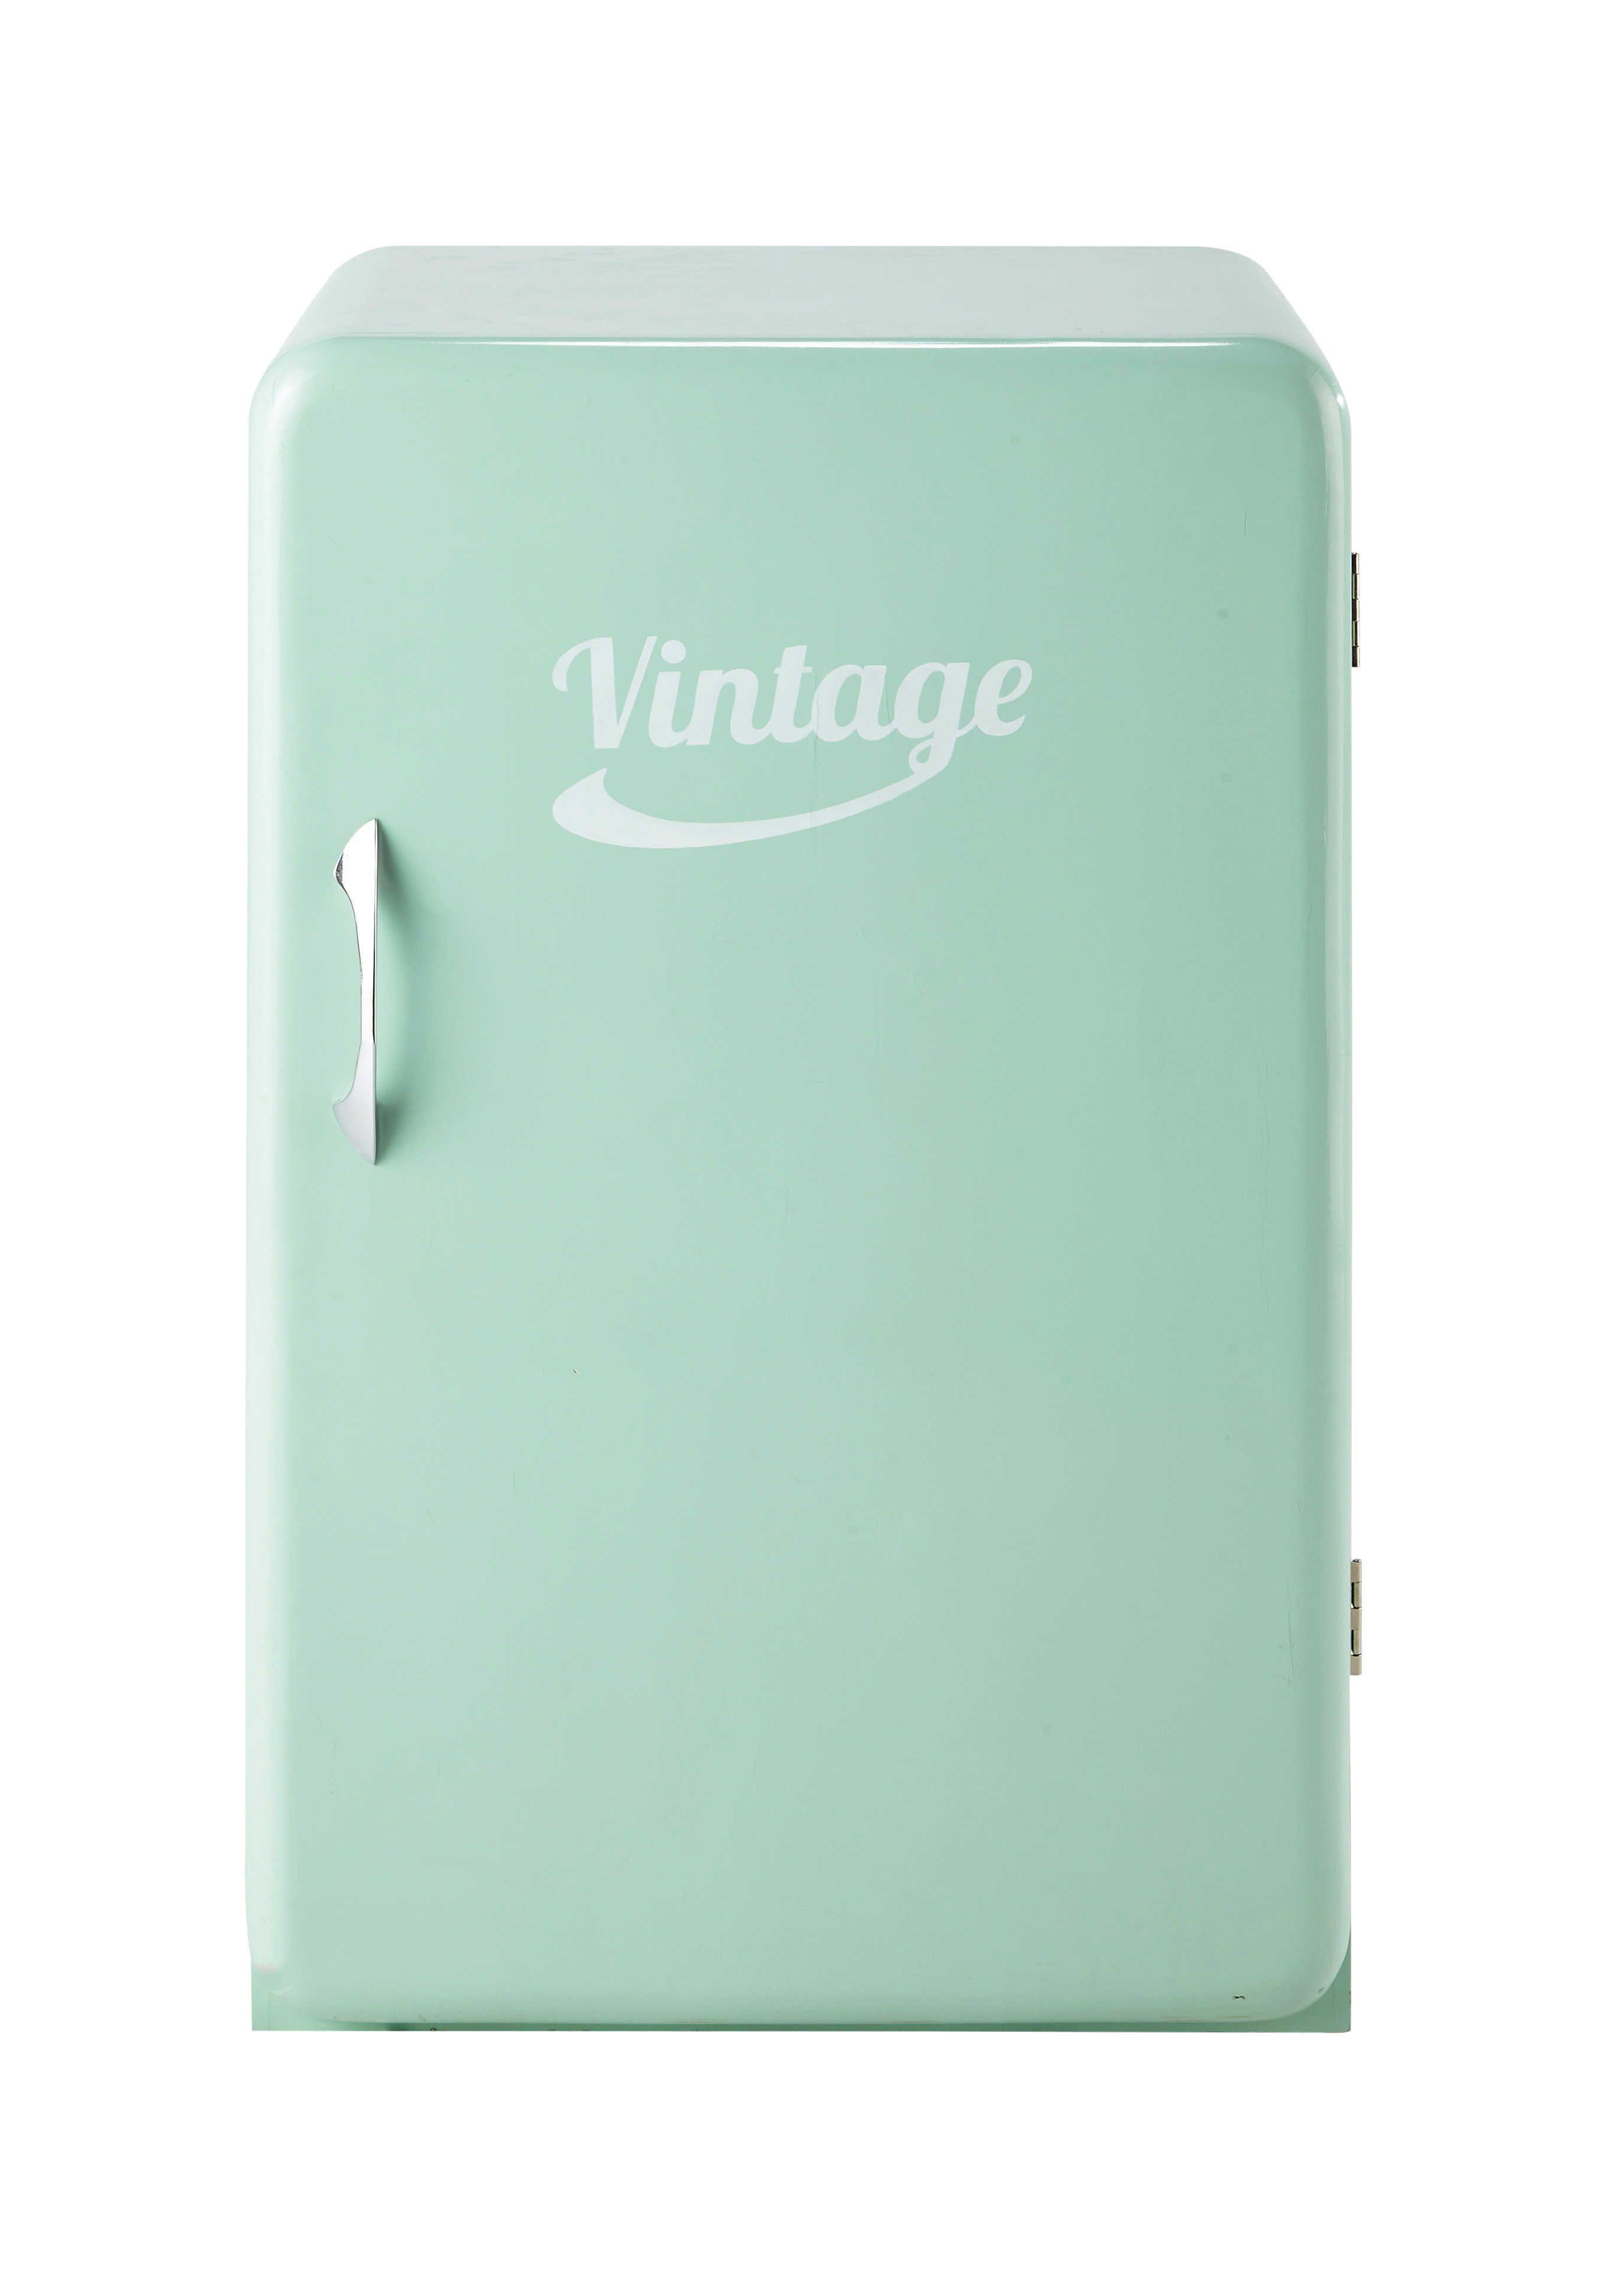 Refrigerateur vintage vert d'eau